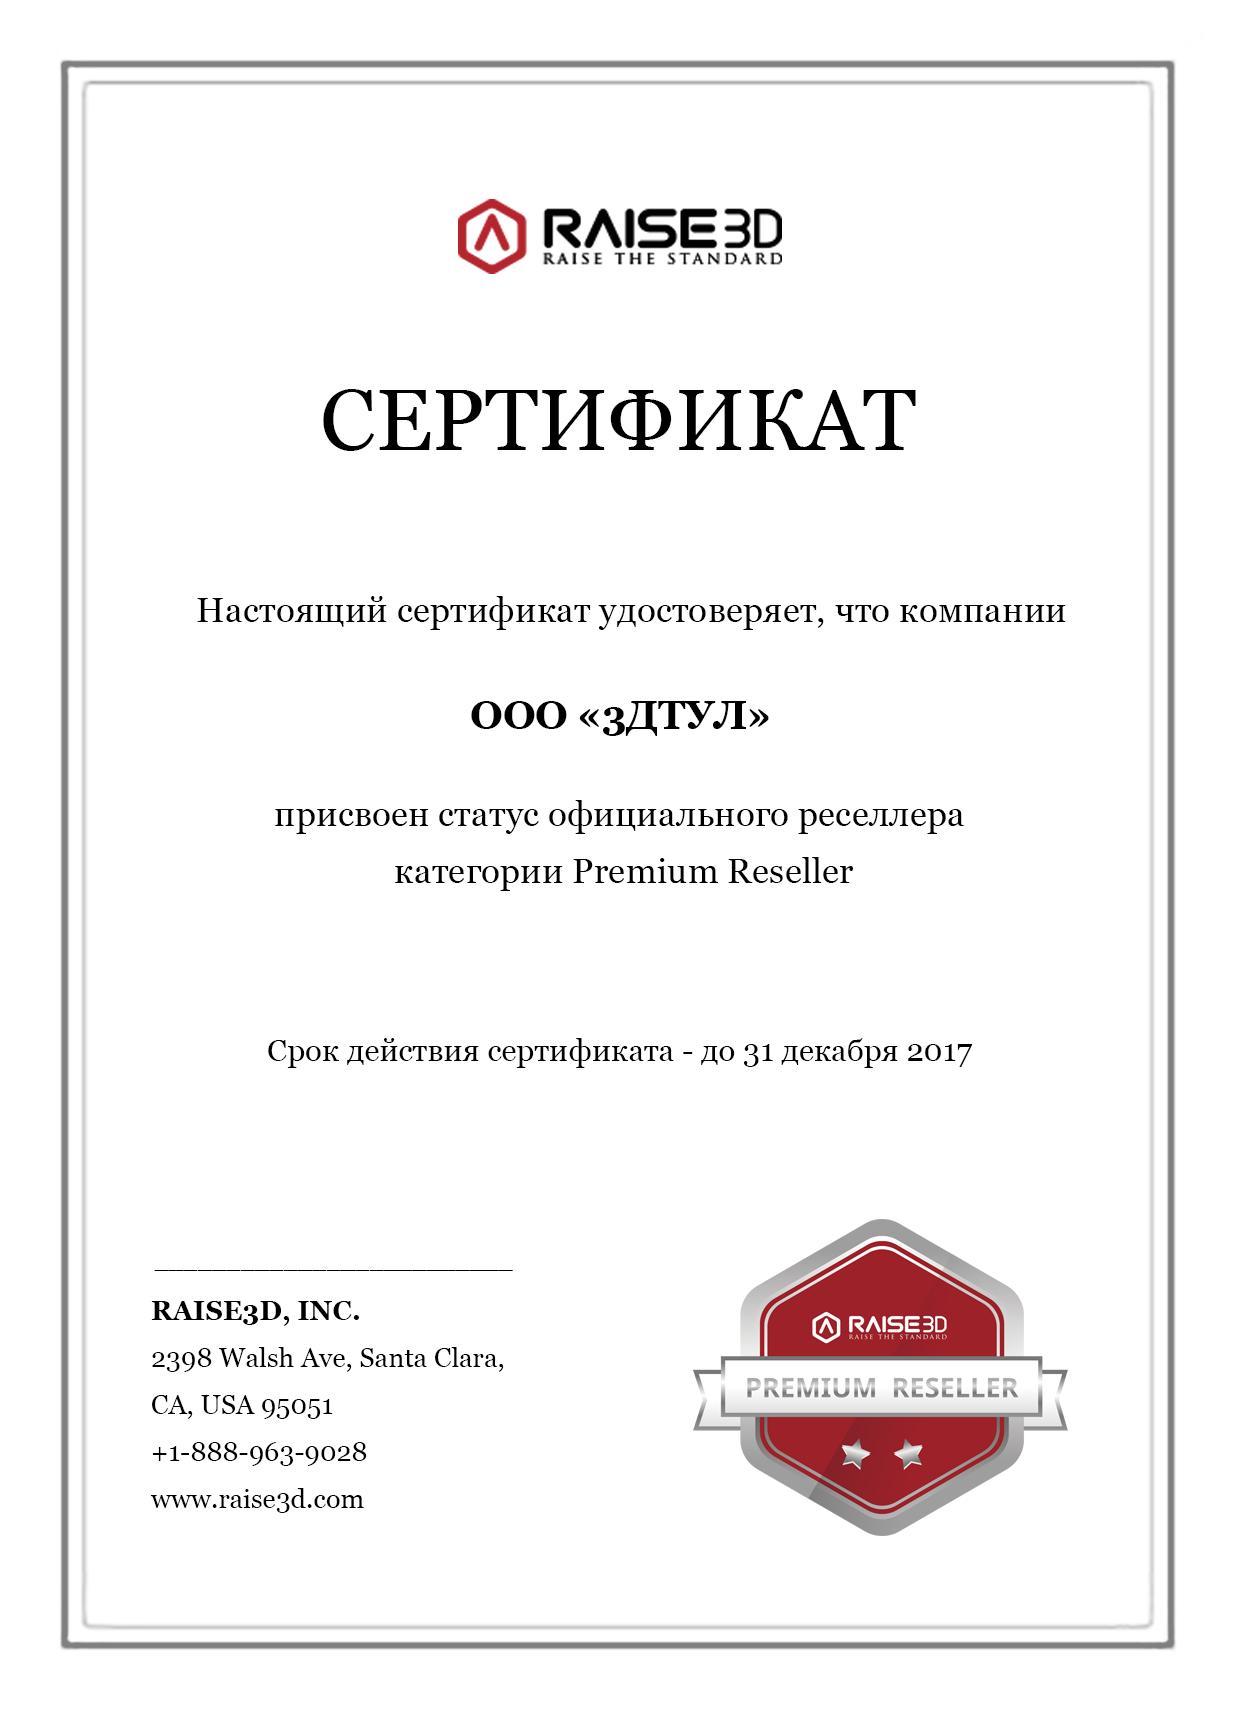 СертификатRaise_premiumreseller_3DTool